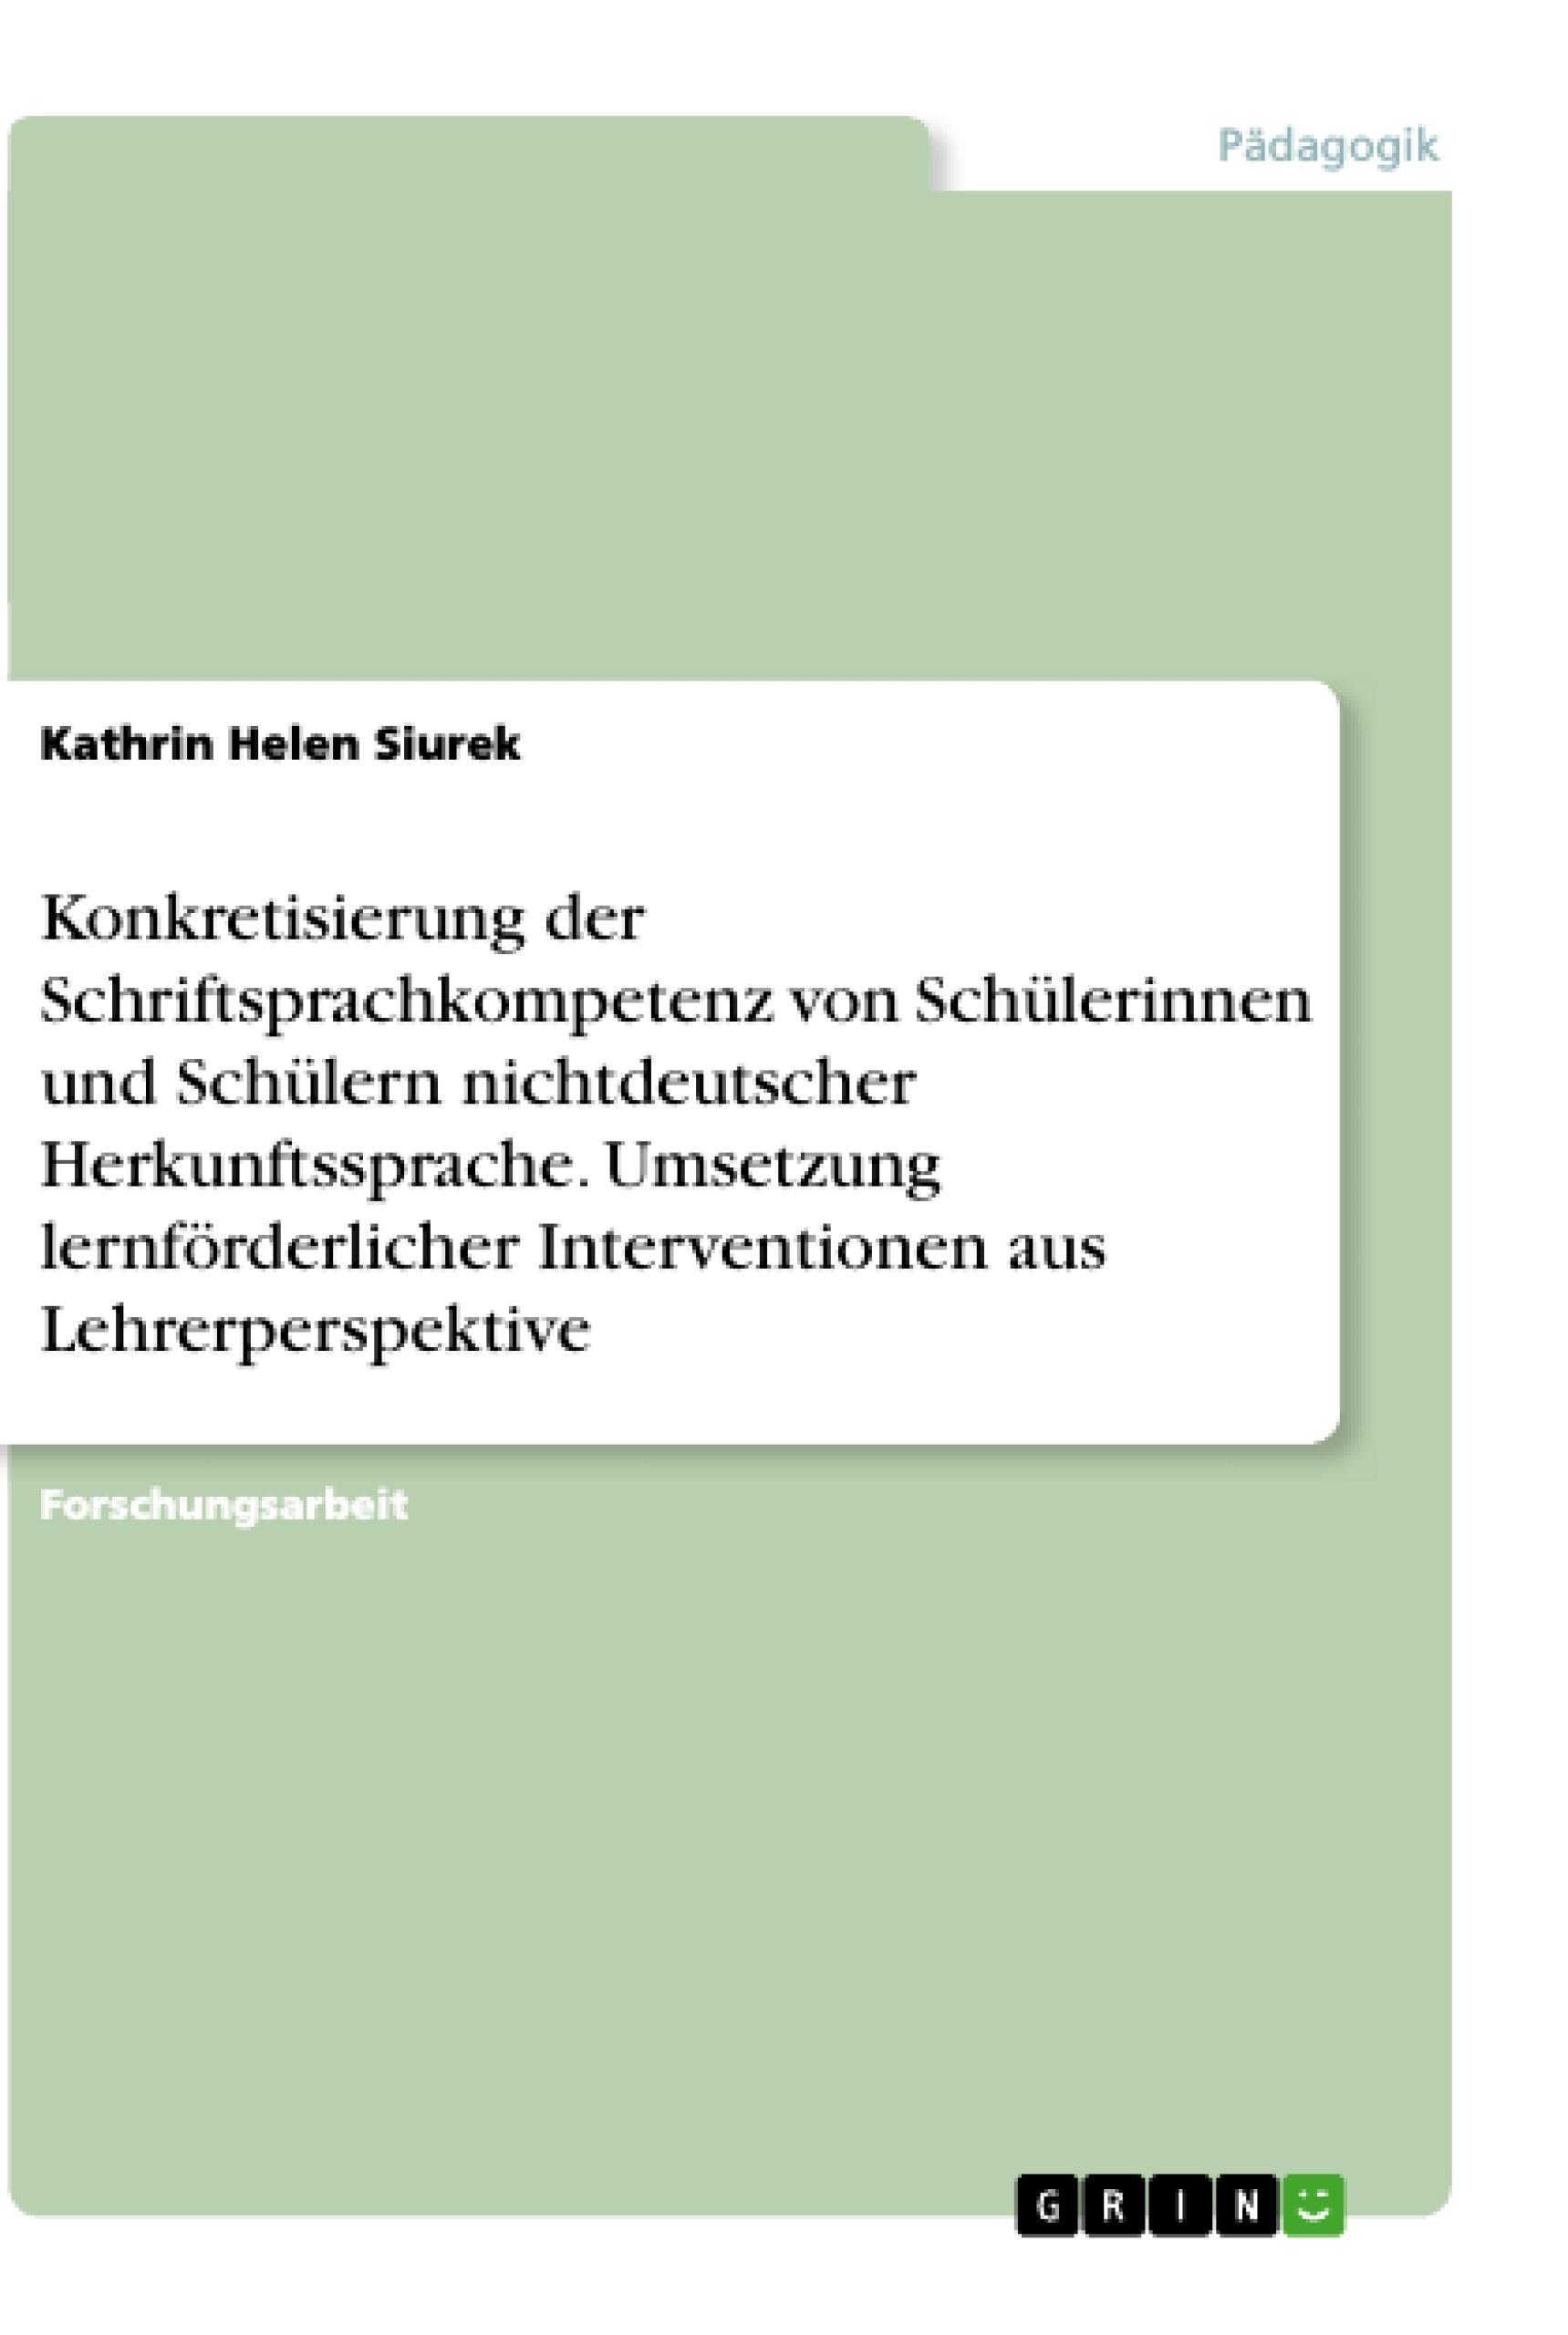 Titel: Konkretisierung der Schriftsprachkompetenz von Schülerinnen und Schülern nichtdeutscher Herkunftssprache. Umsetzung lernförderlicher Interventionen aus Lehrerperspektive